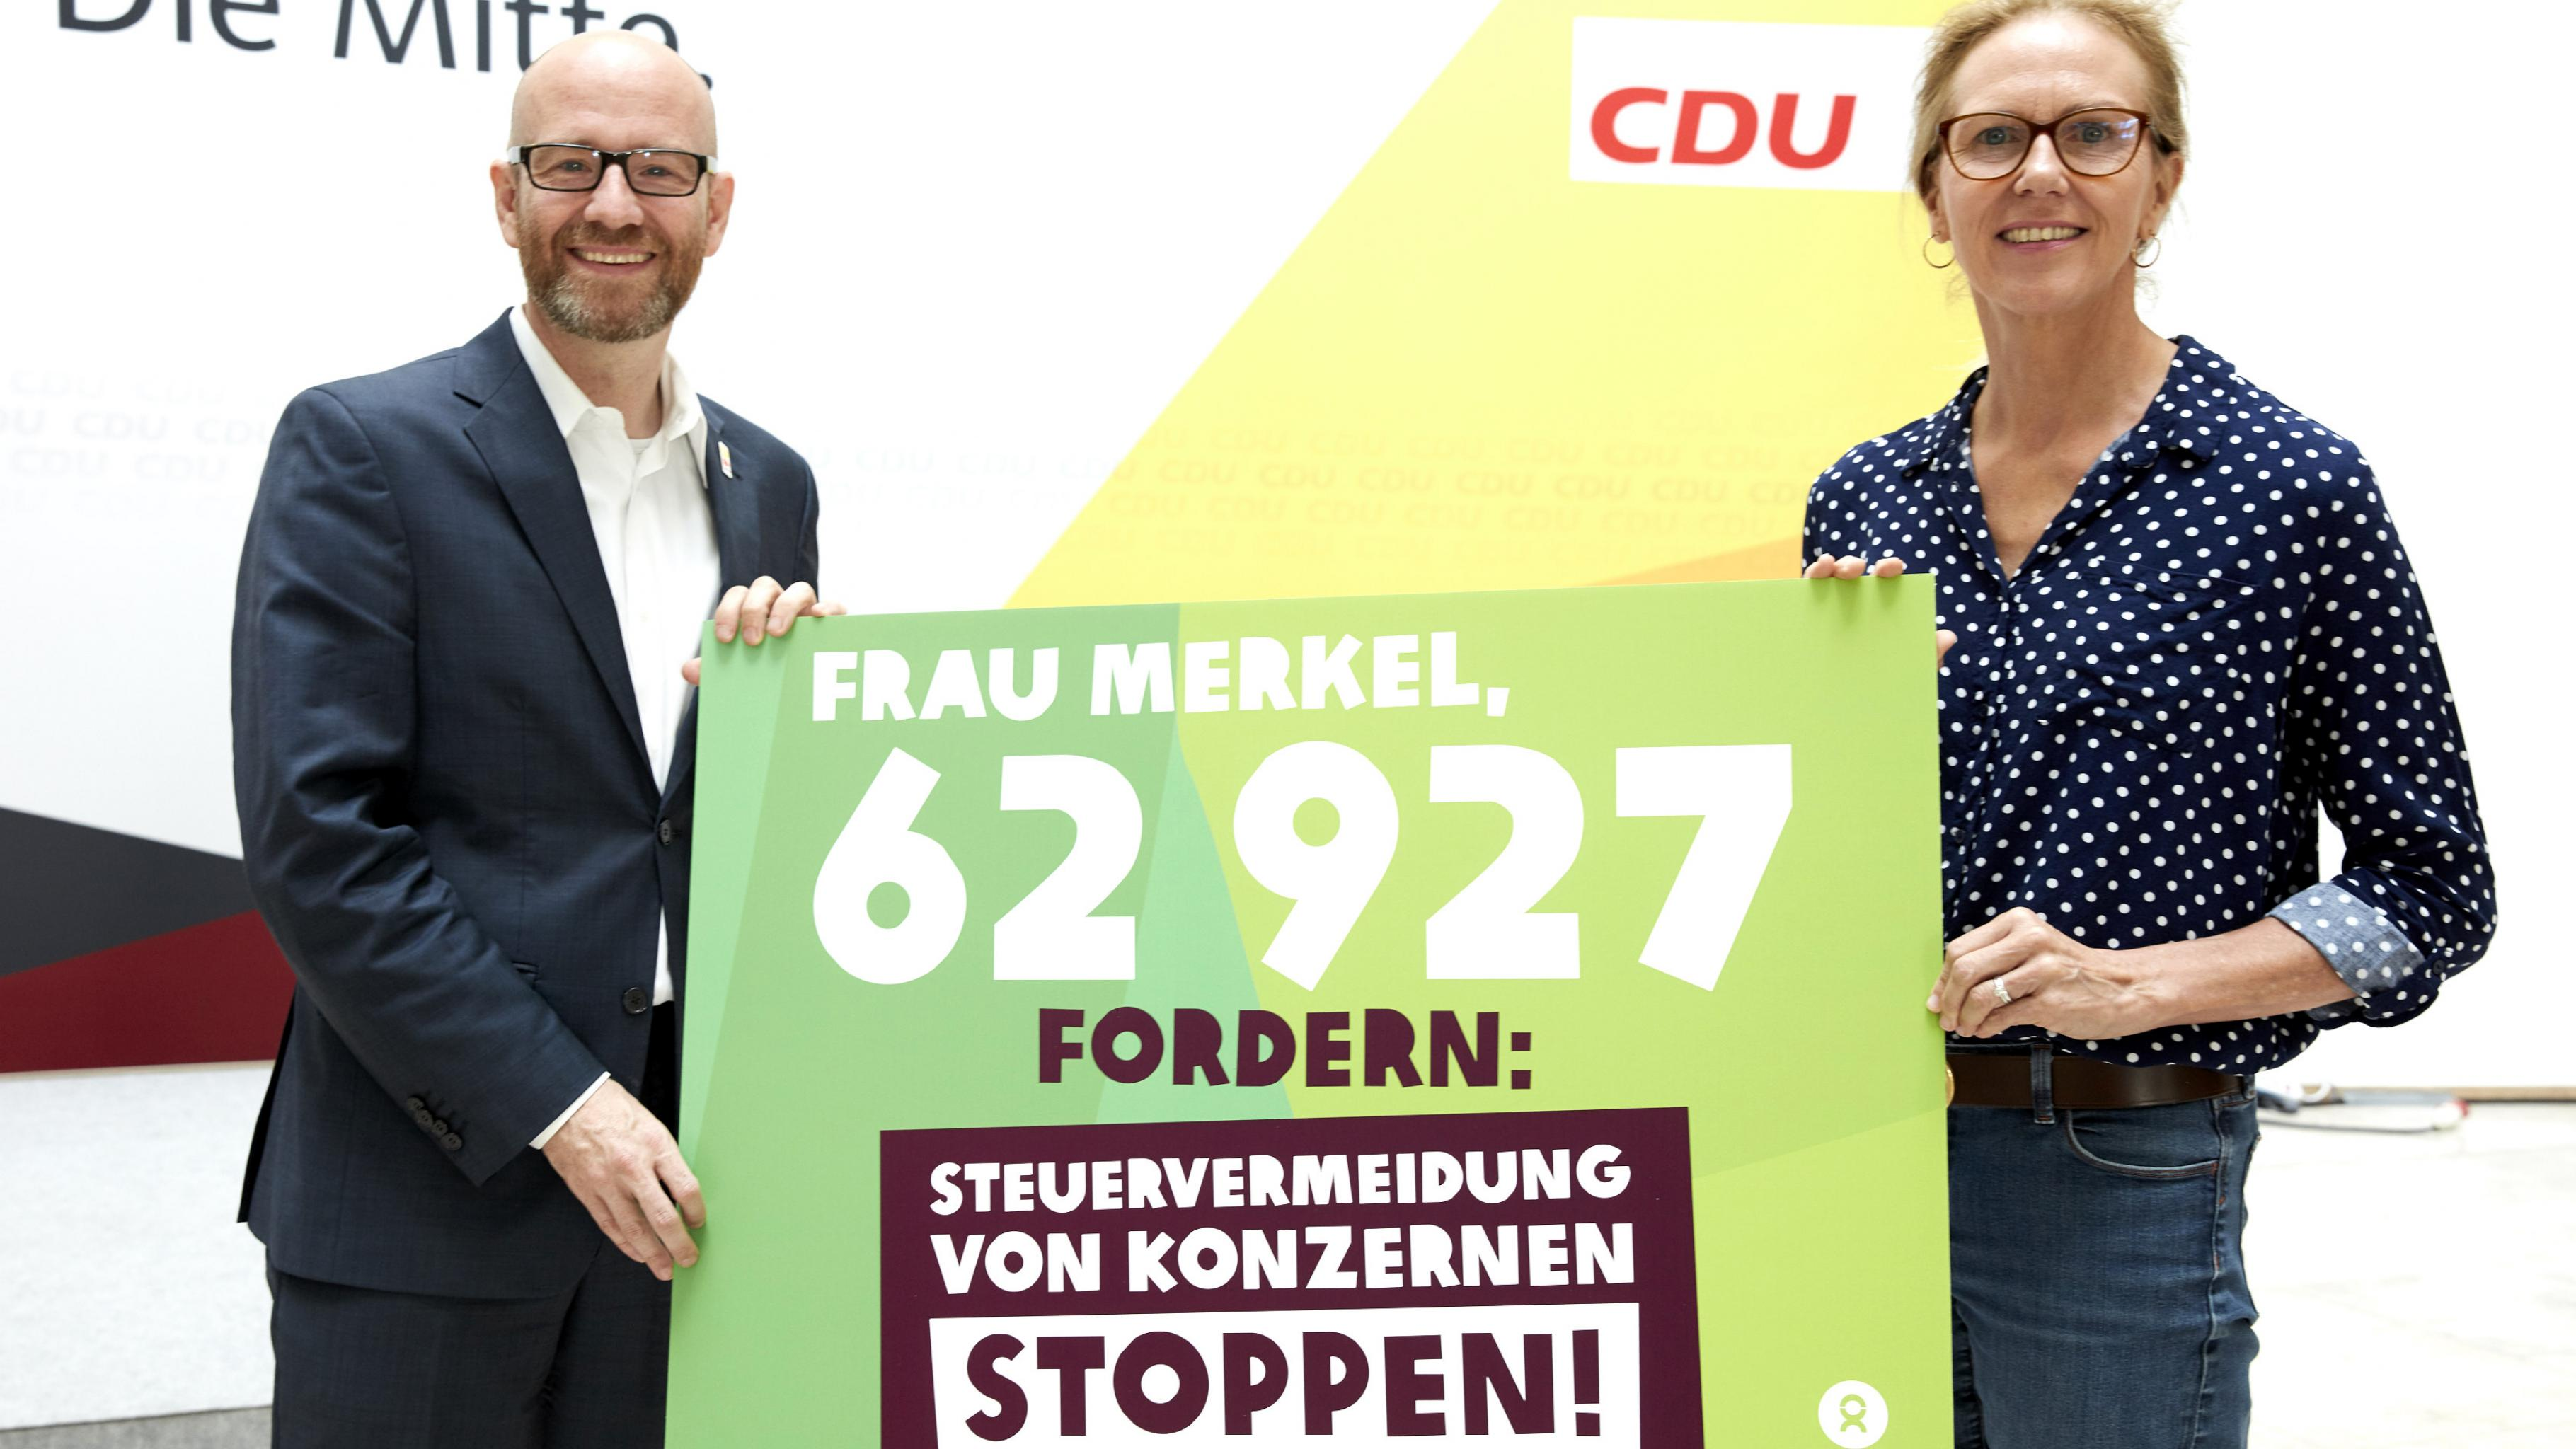 """Marion Lieser und Peter Tauber halten ein Plakat mit der Aufschrift: """"Frau Merkel, 62927 fordern: Steuervermeidung von Konzernen stoppen!"""""""